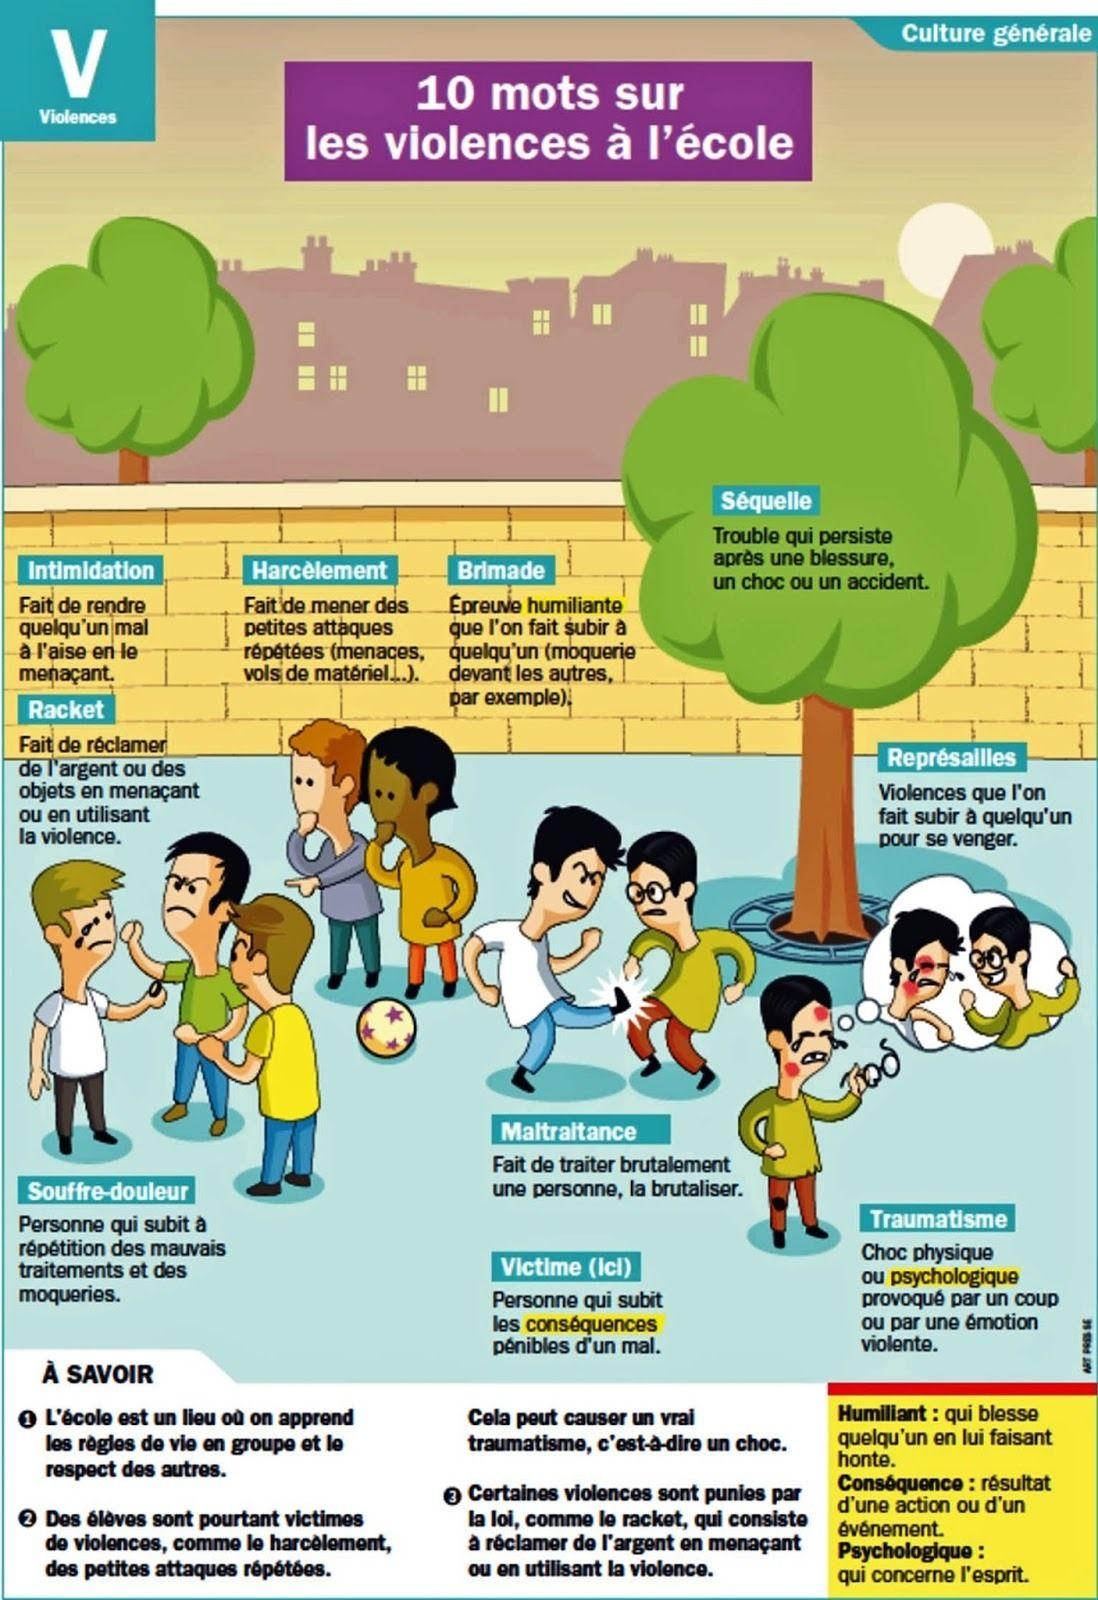 Lefrancaisetvous 10 Mots Sur Les Violences A L Ecole